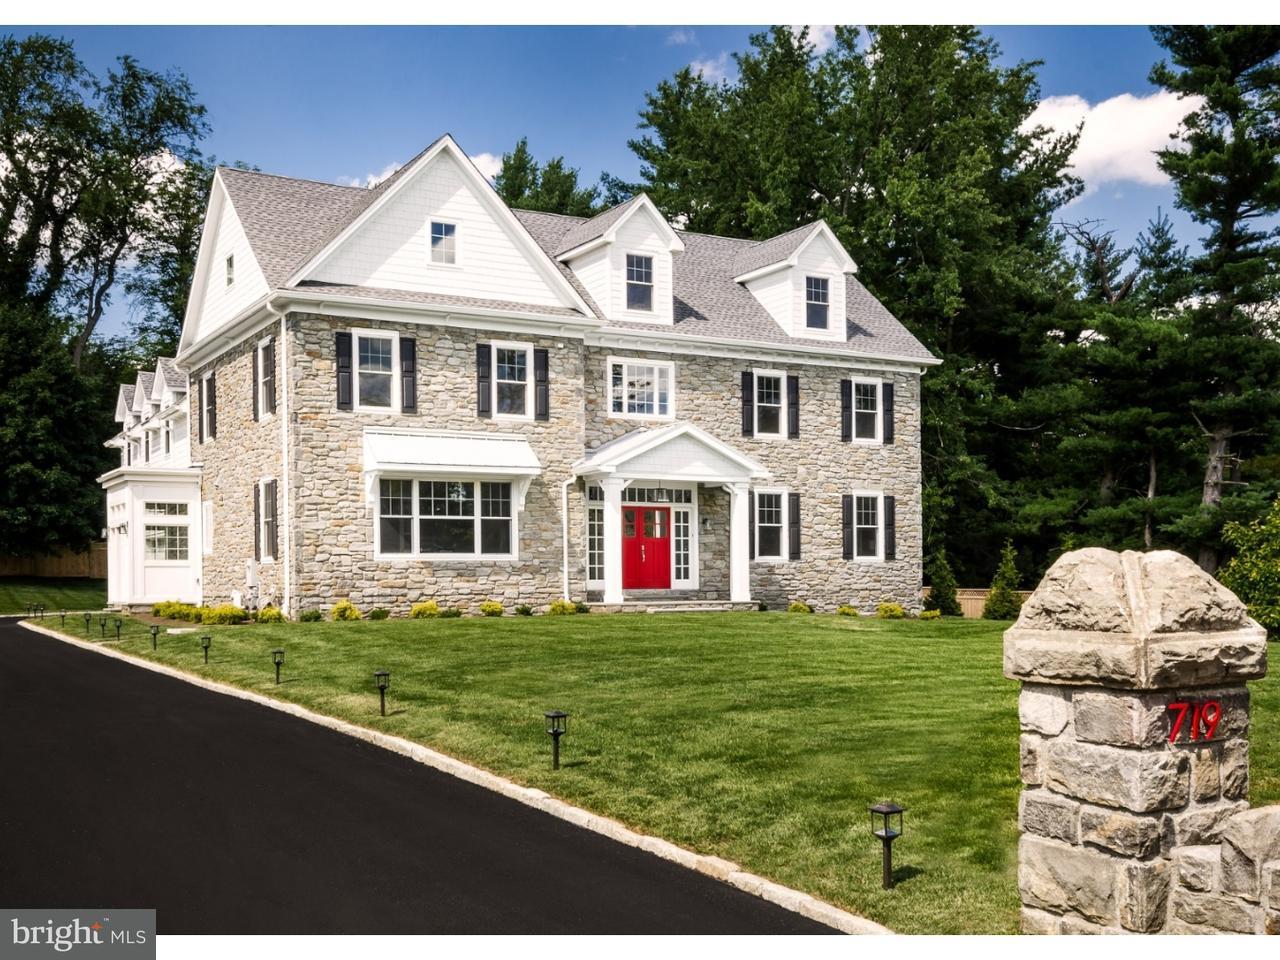 Частный односемейный дом для того Продажа на 719 CONSHOHOCKEN STATE Road Penn Valley, Пенсильвания 19072 Соединенные Штаты